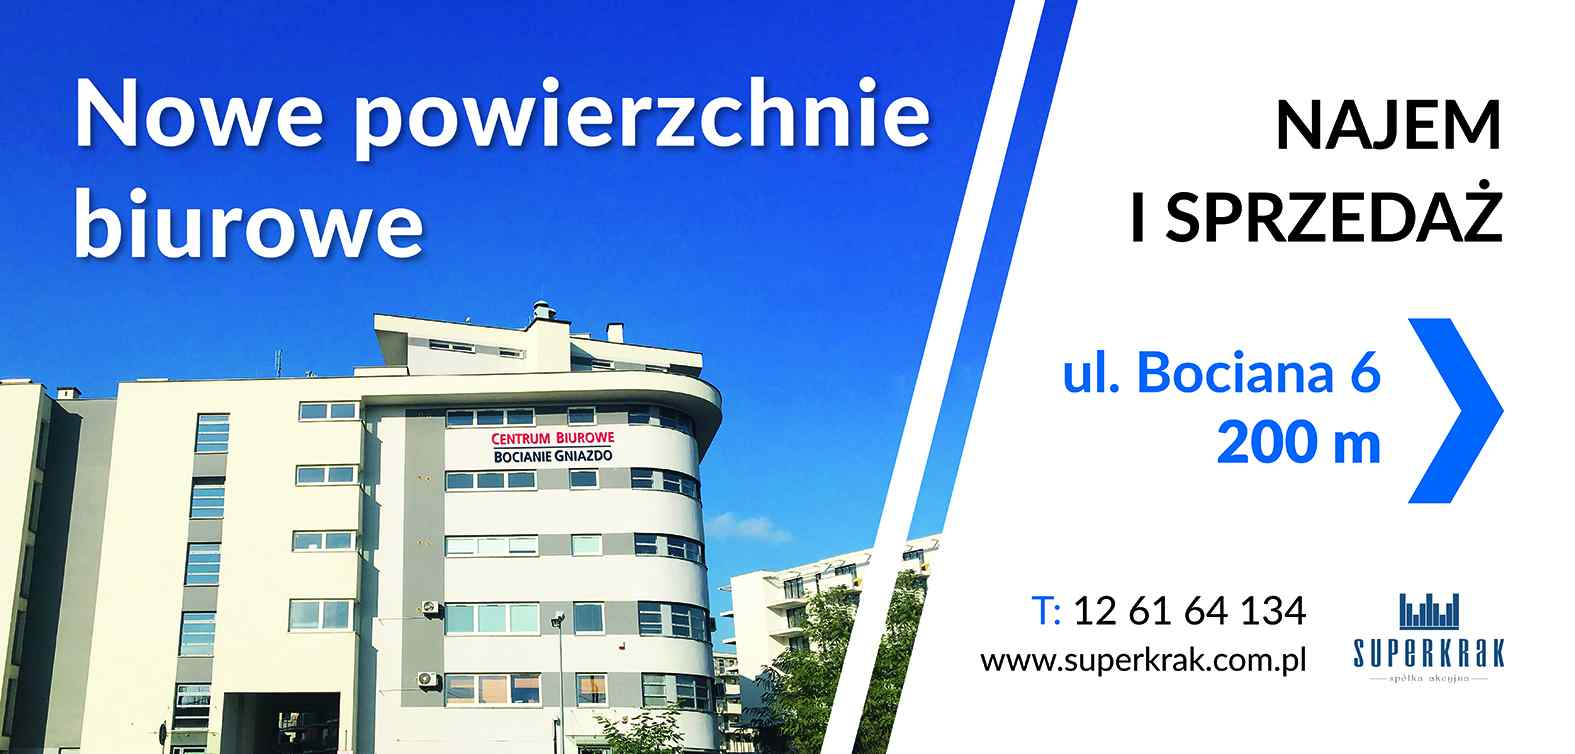 Biurowiec ul. Bociana 6